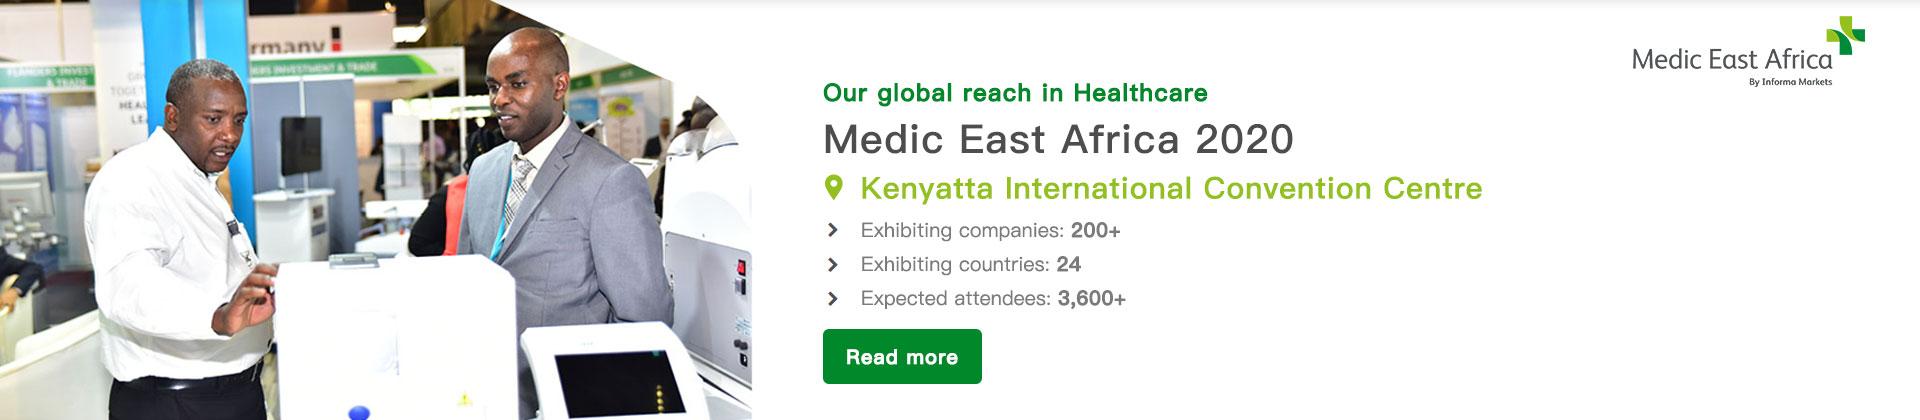 肯尼亚医疗